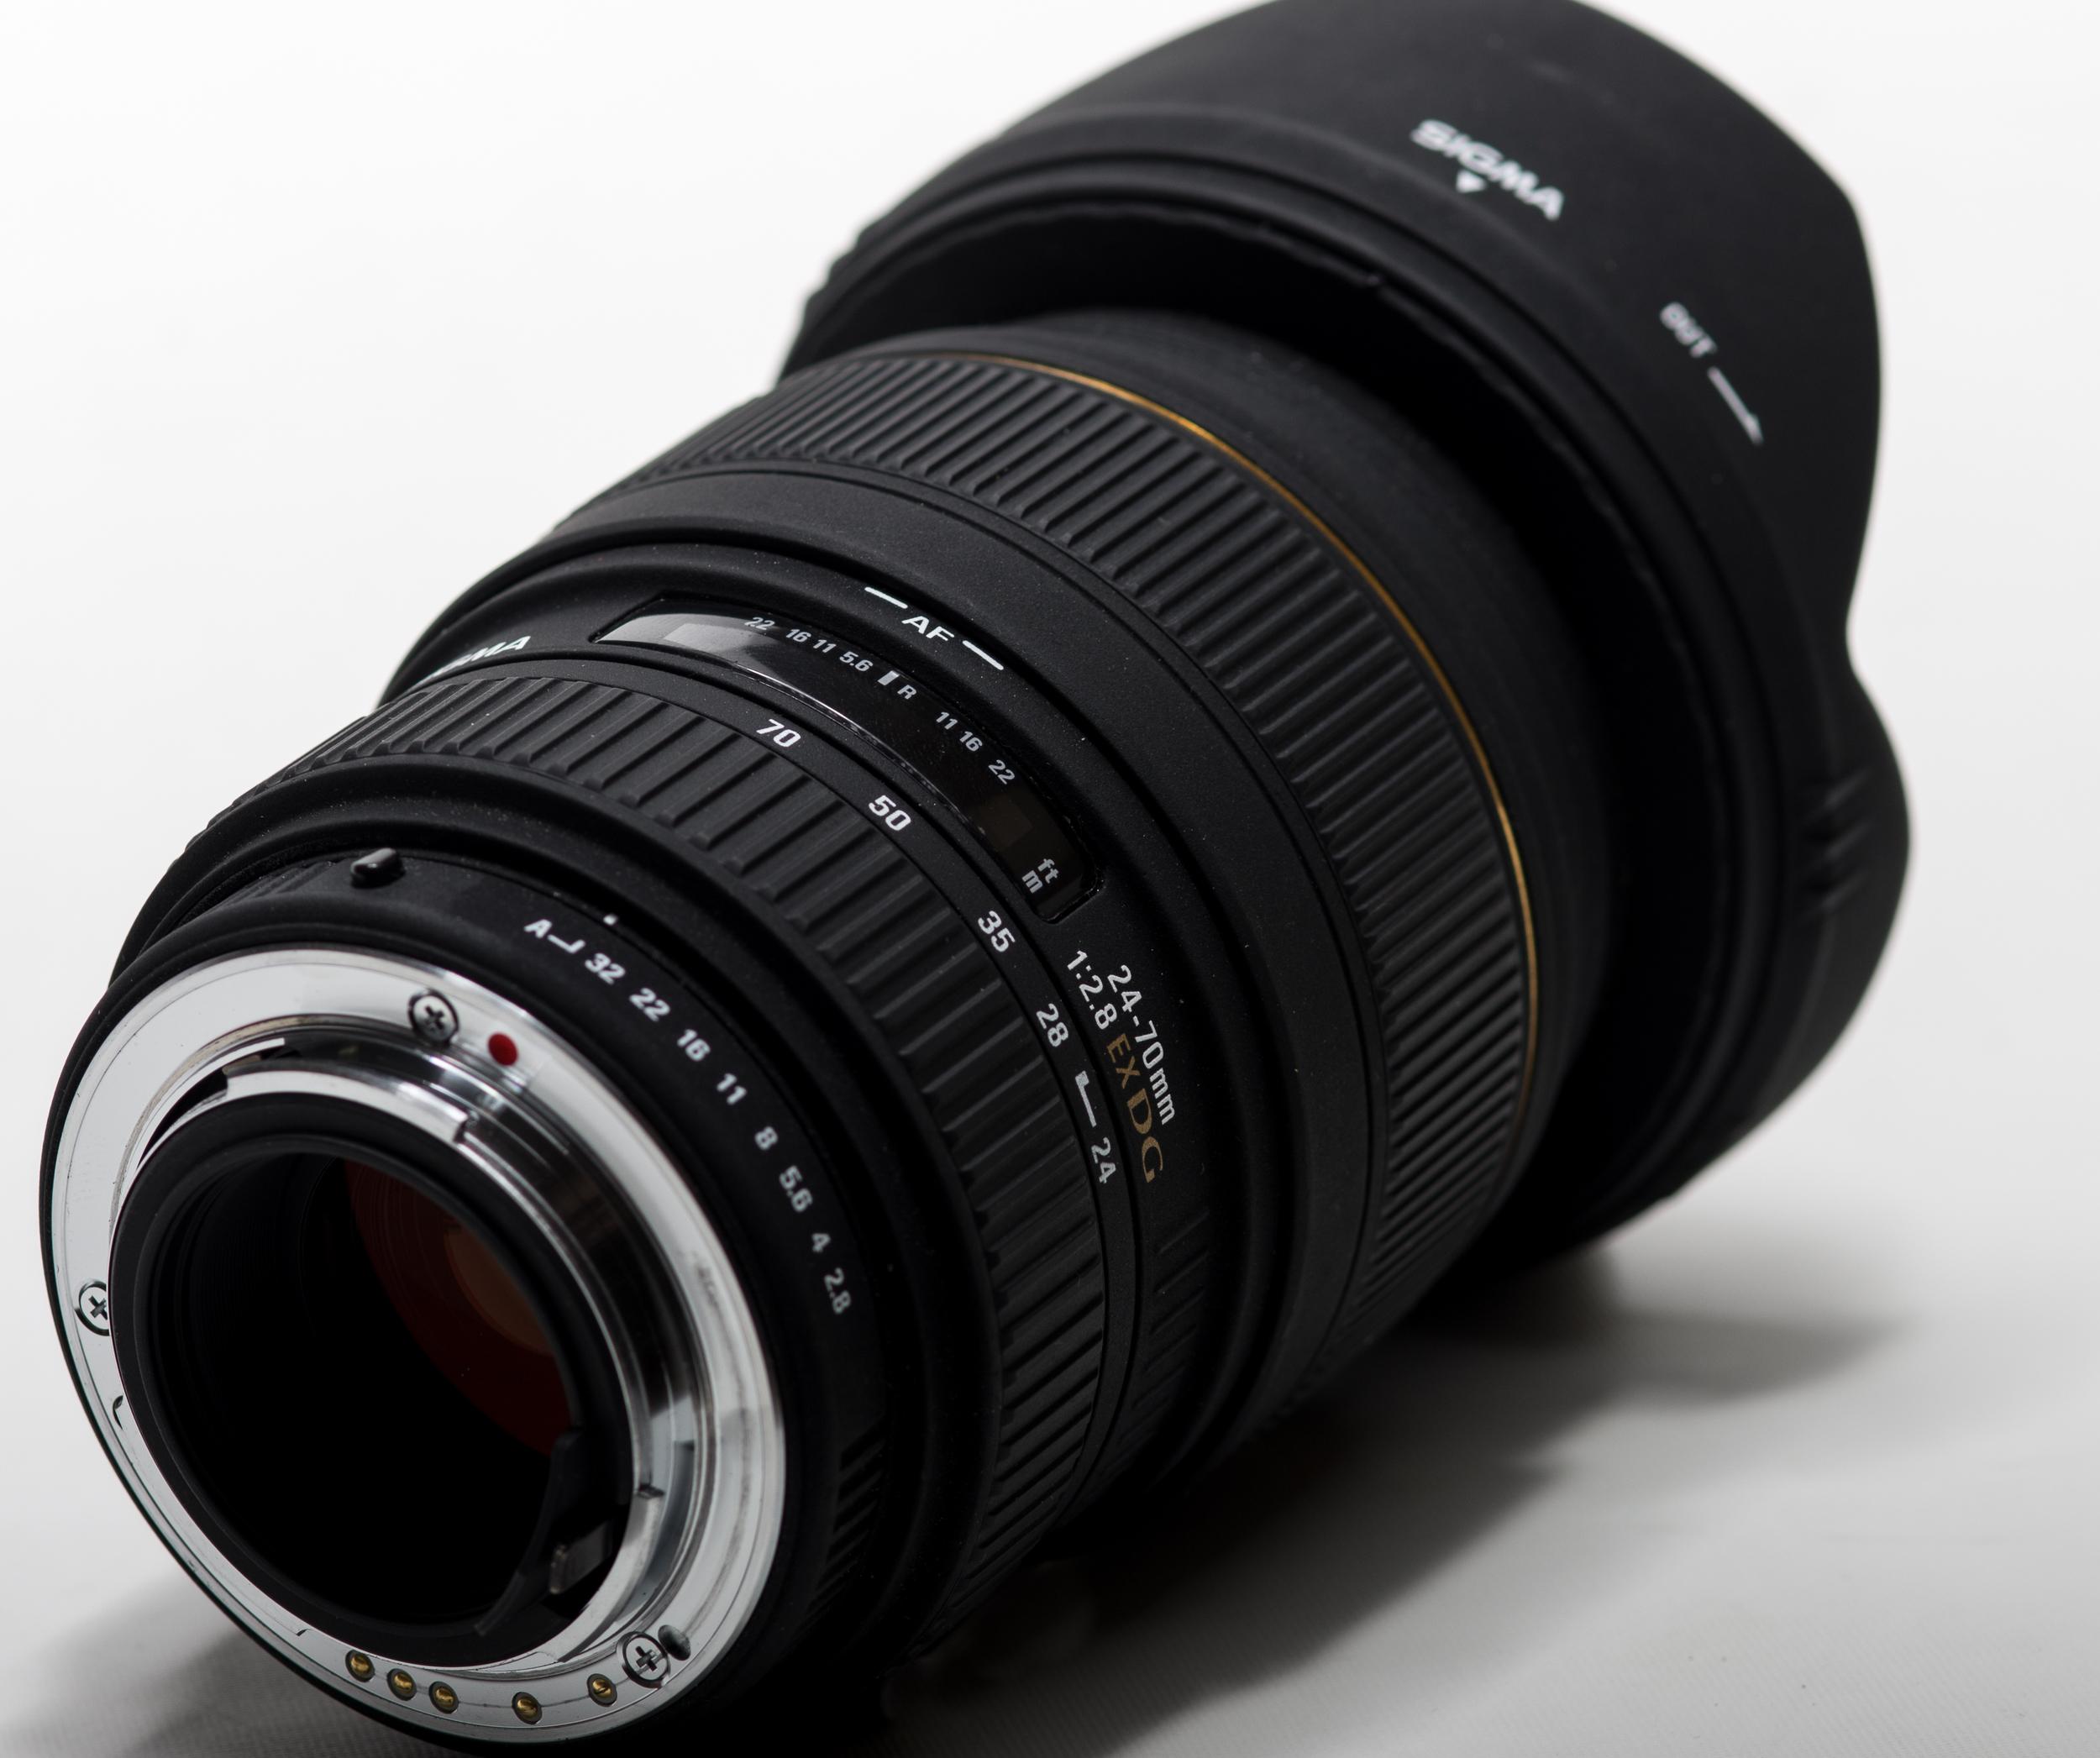 Sigma 24-70mm 2.8 EX DG Macro